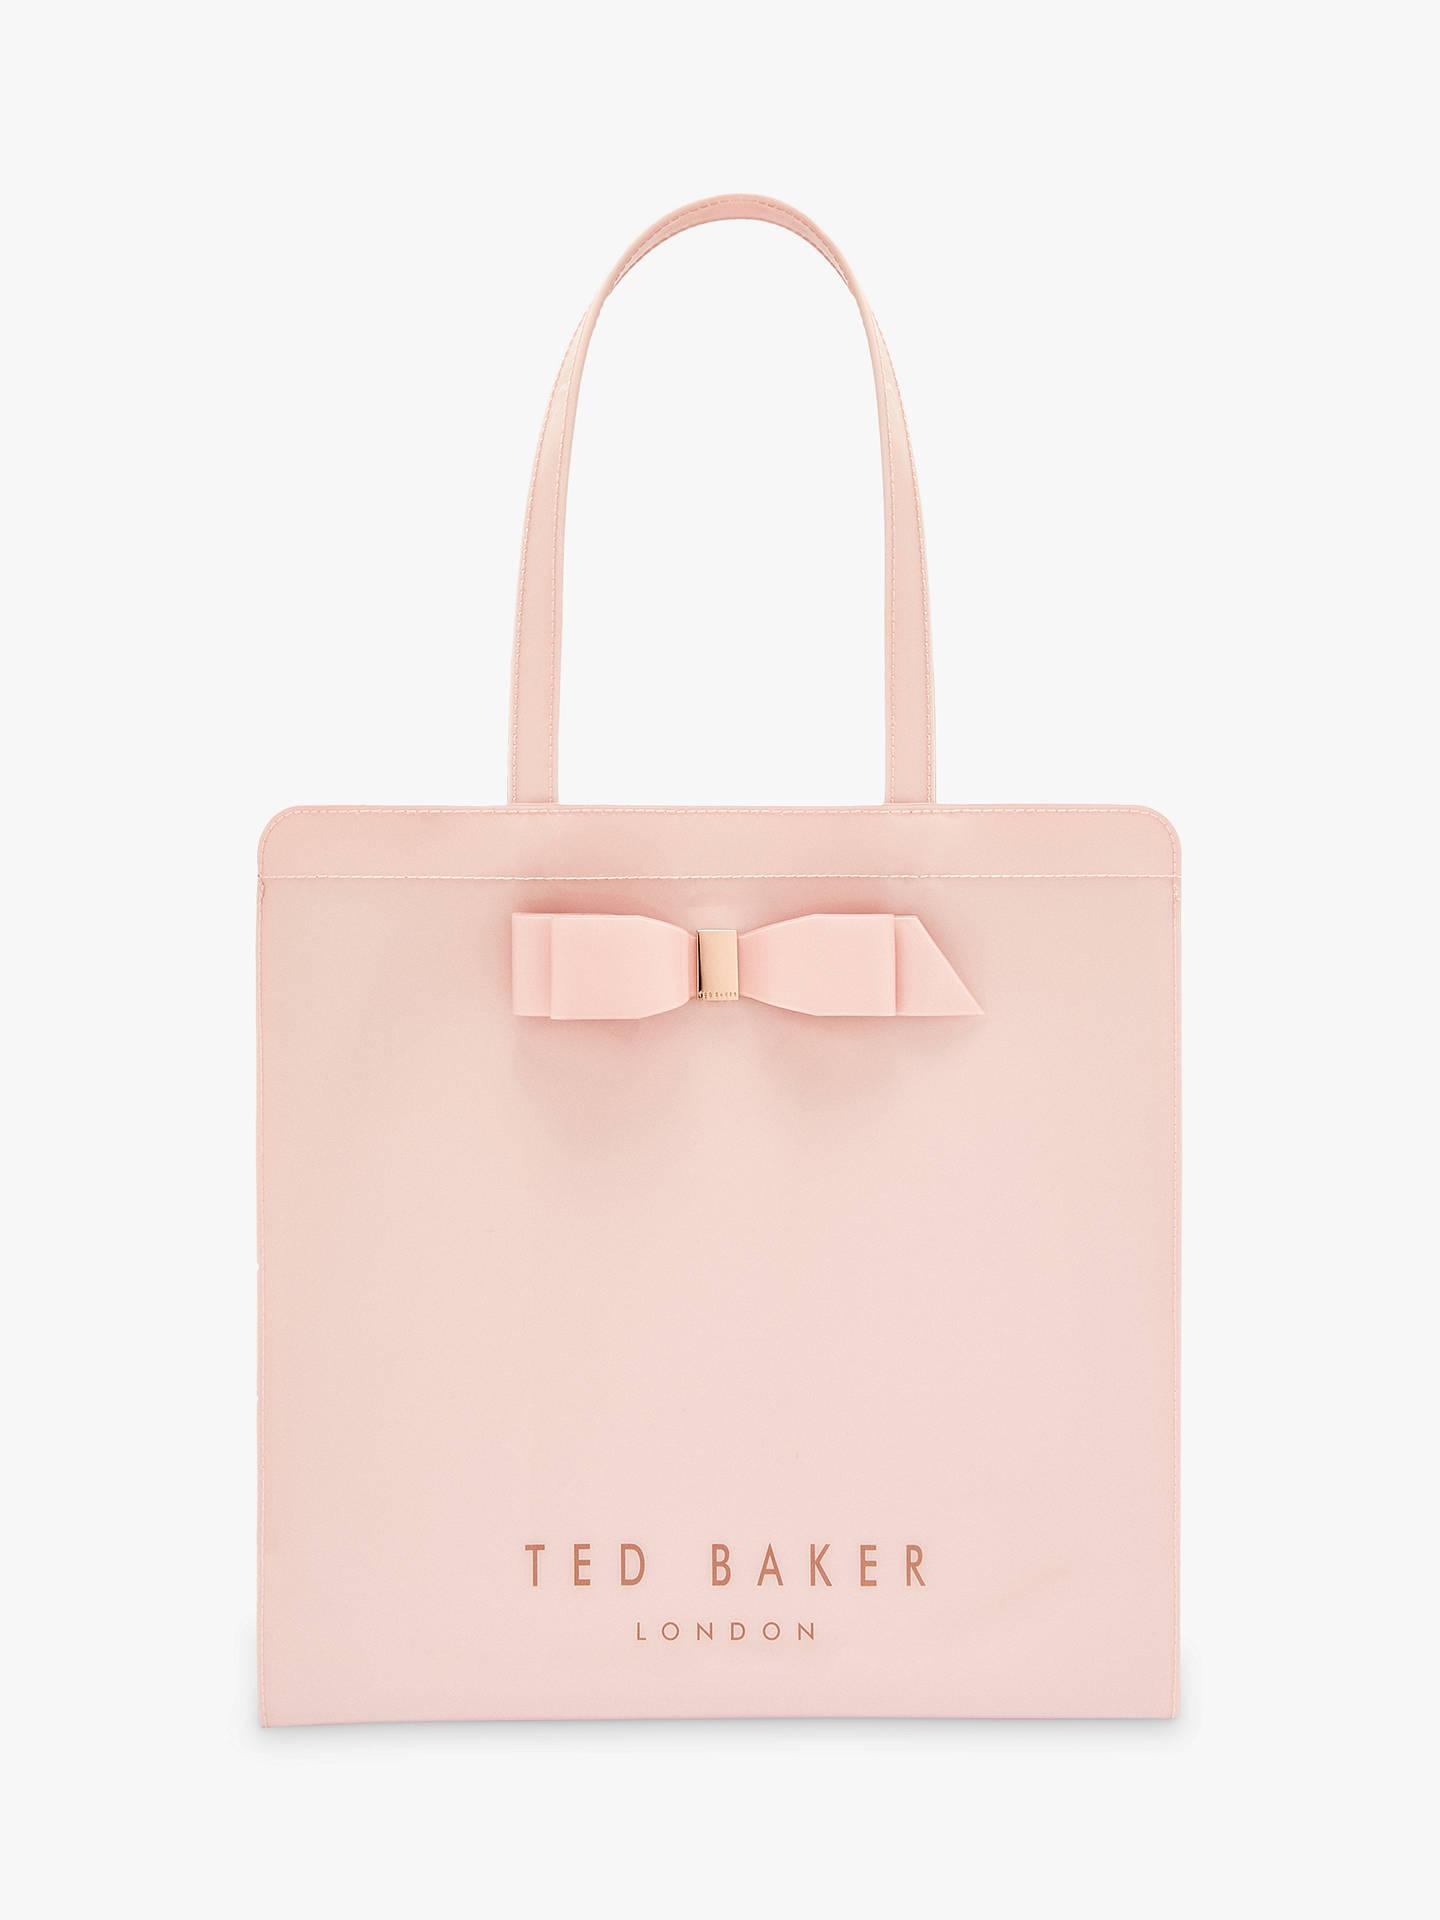 92f54bd4f36 Buy Ted Baker Almacon Large Icon Shopper Bag, Light Pink Online at  johnlewis.com ...